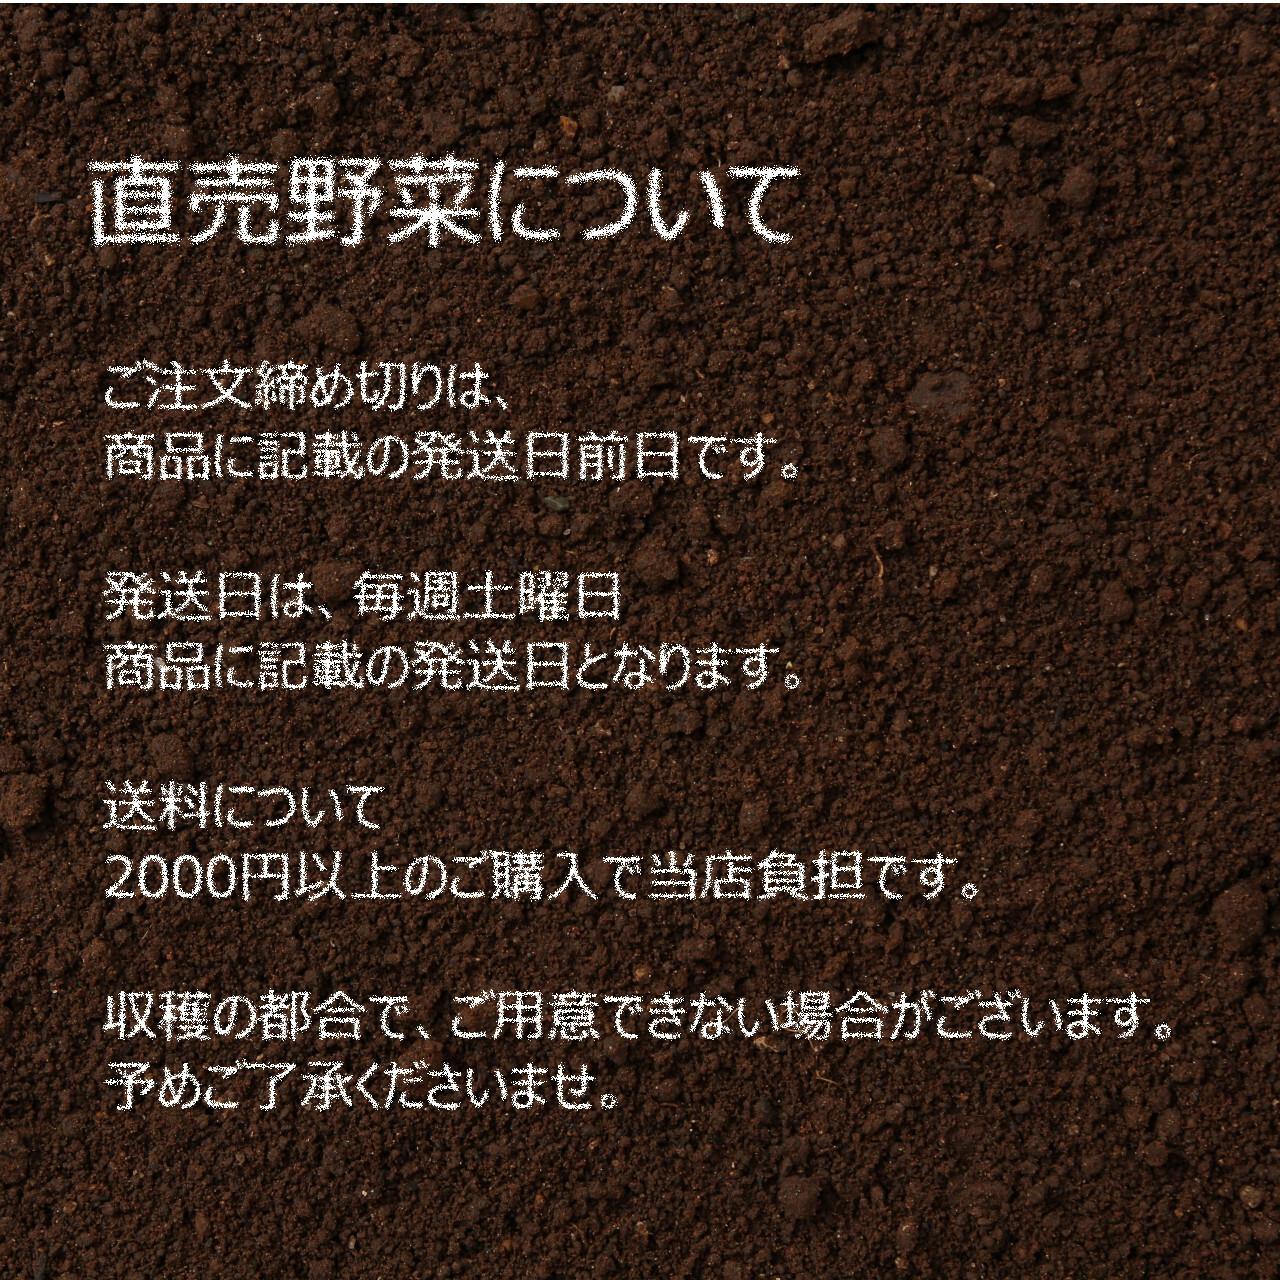 8月の朝採り直売野菜 : インゲン 約150g  新鮮な夏野菜 8月22日発送予定